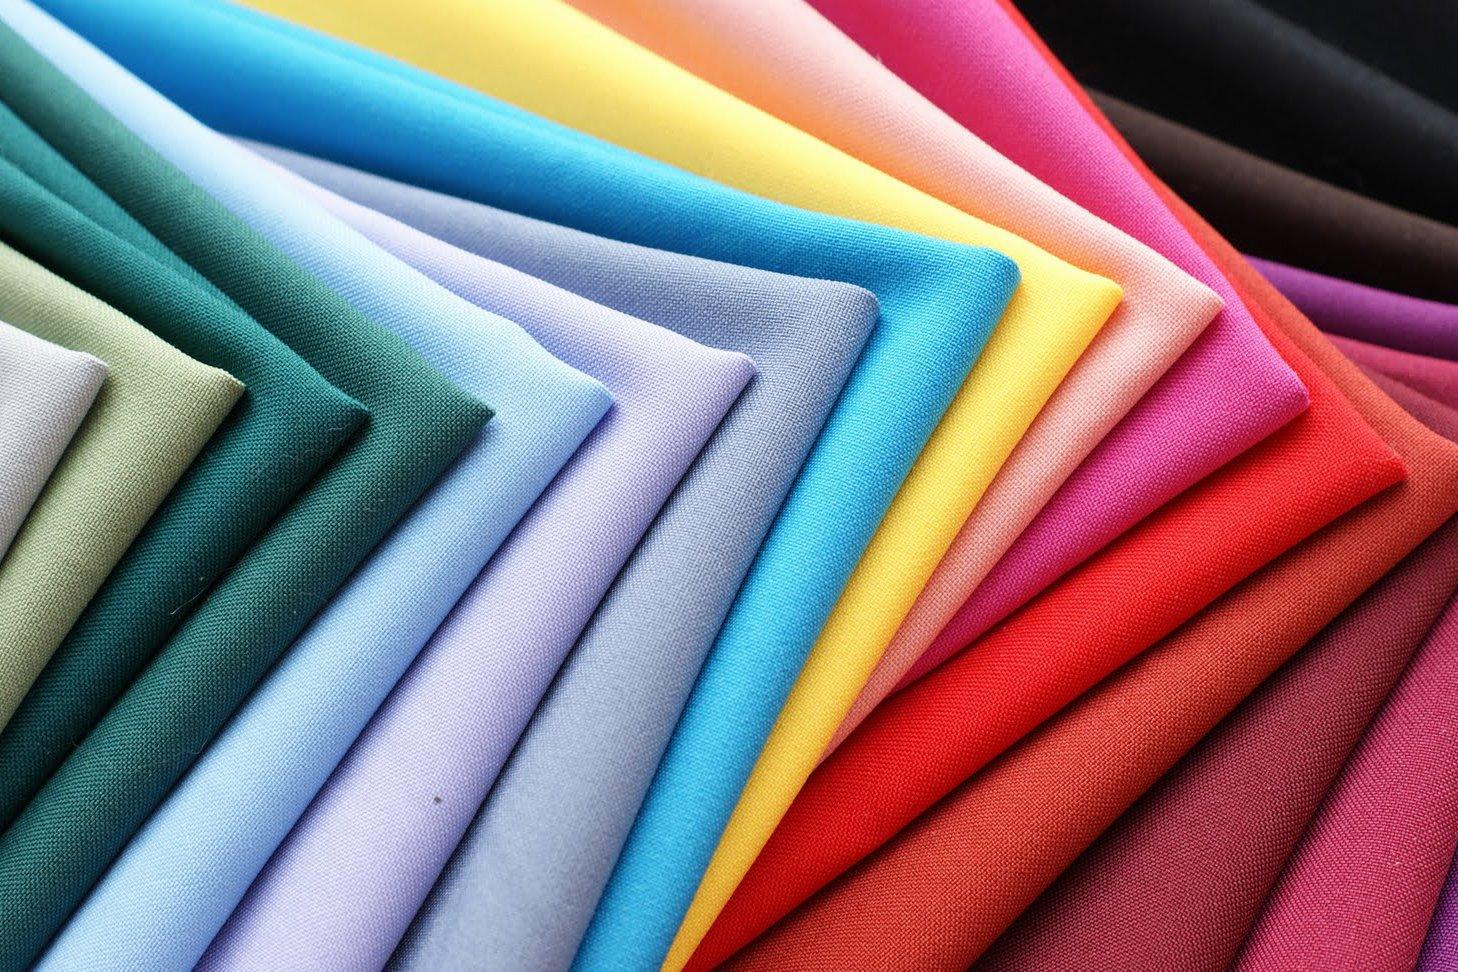 популярные виды тканей для обивки